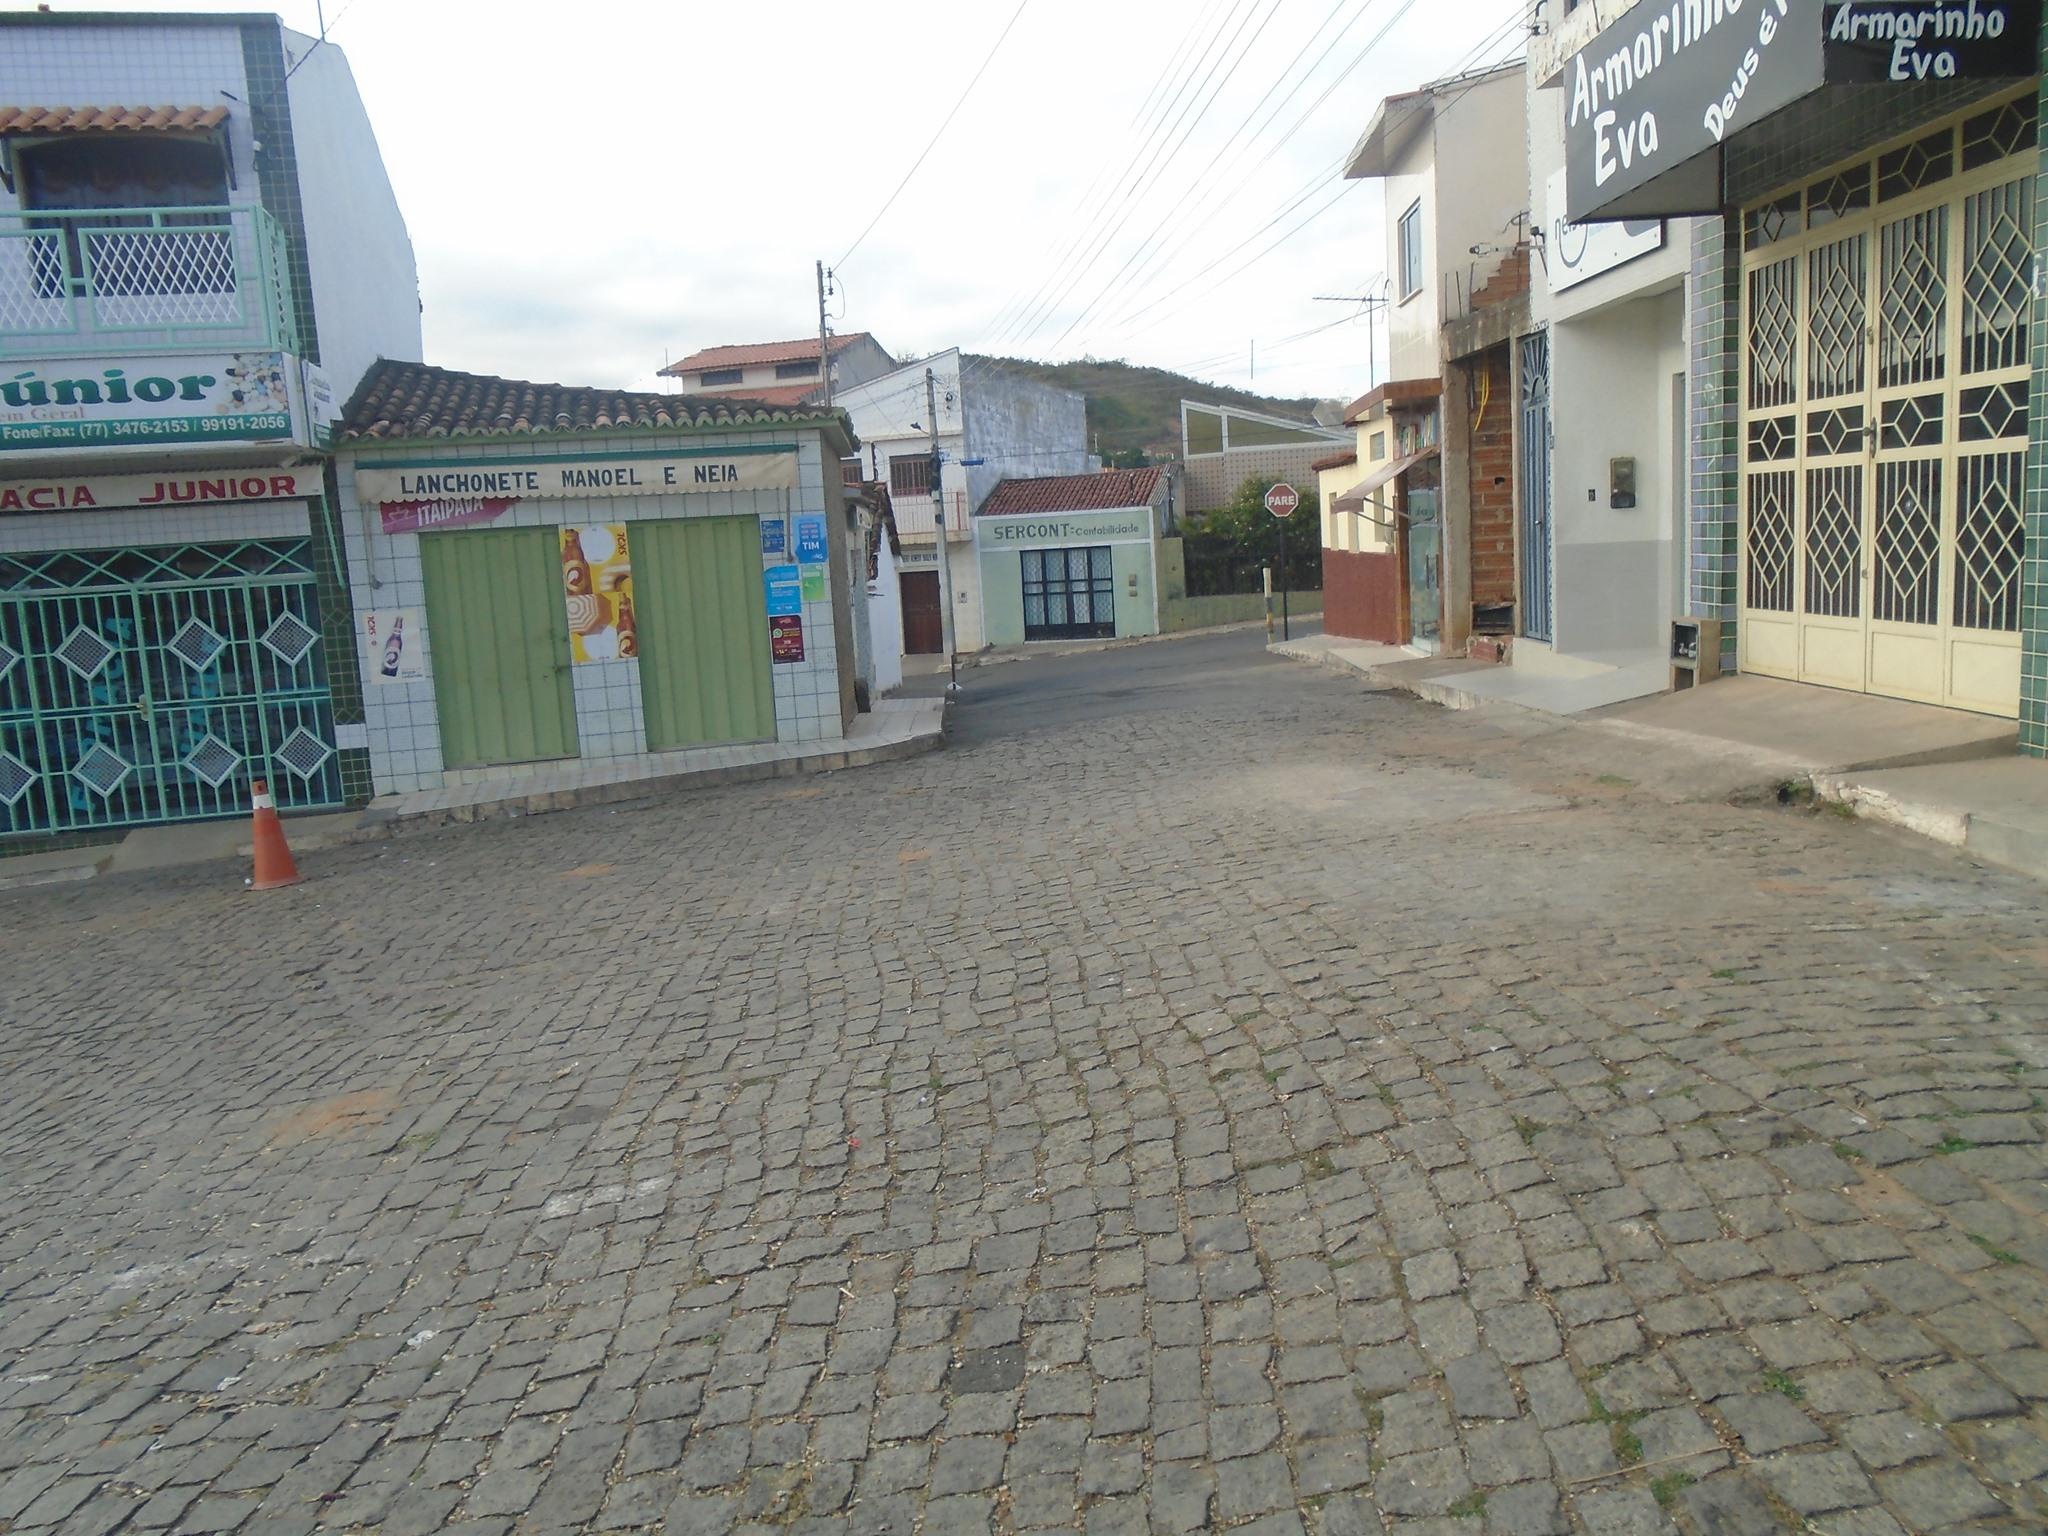 Fotos-uit-de-regio-van-Ibitiara-en-Seabra-aan-de-grote-BR-242-92